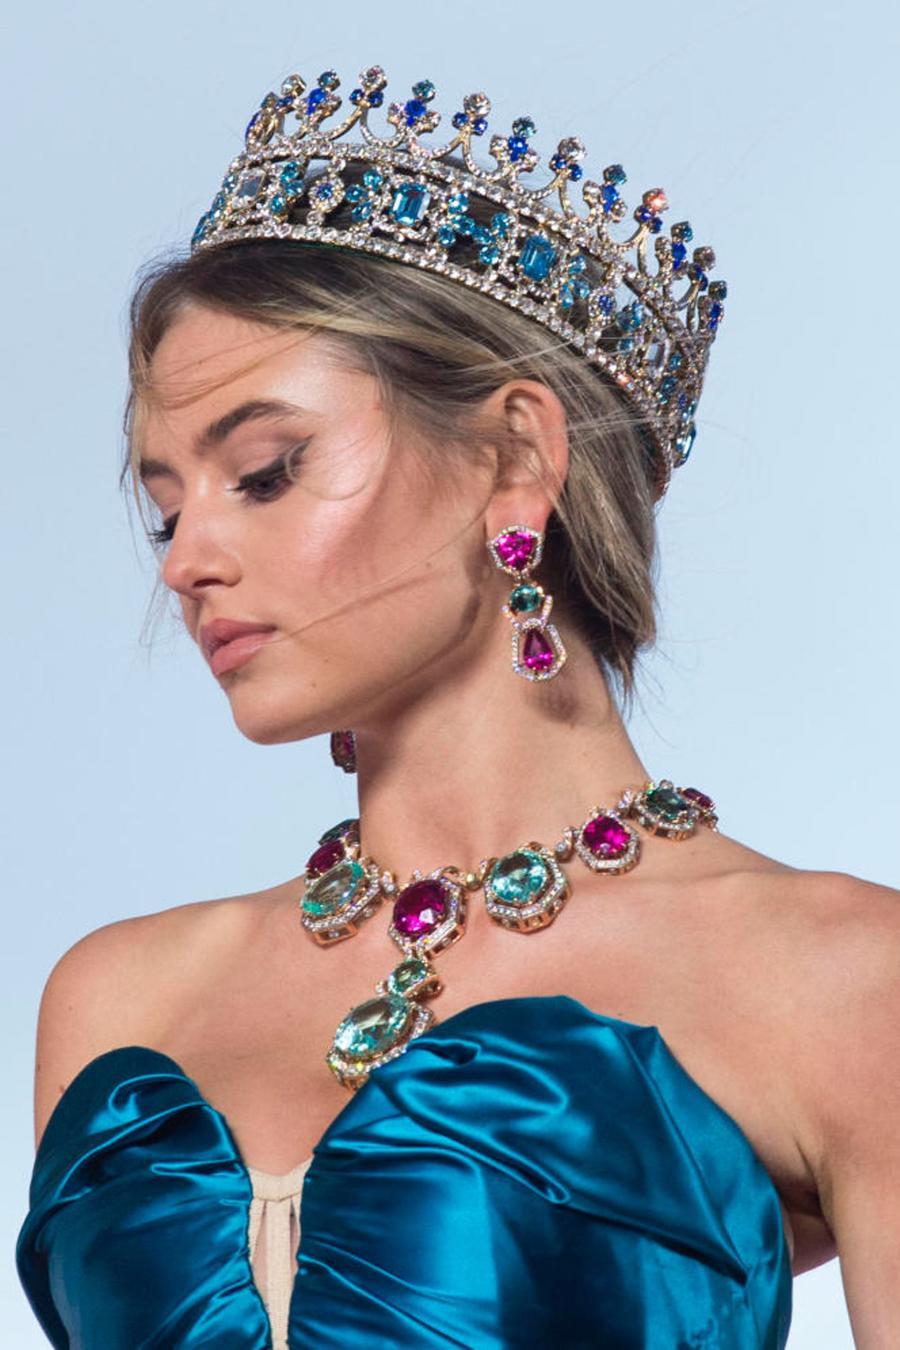 Thế giới chứng kiến những gì sau bữa tiệc xa hoa của Dolce & Gabbana? - Ảnh 4